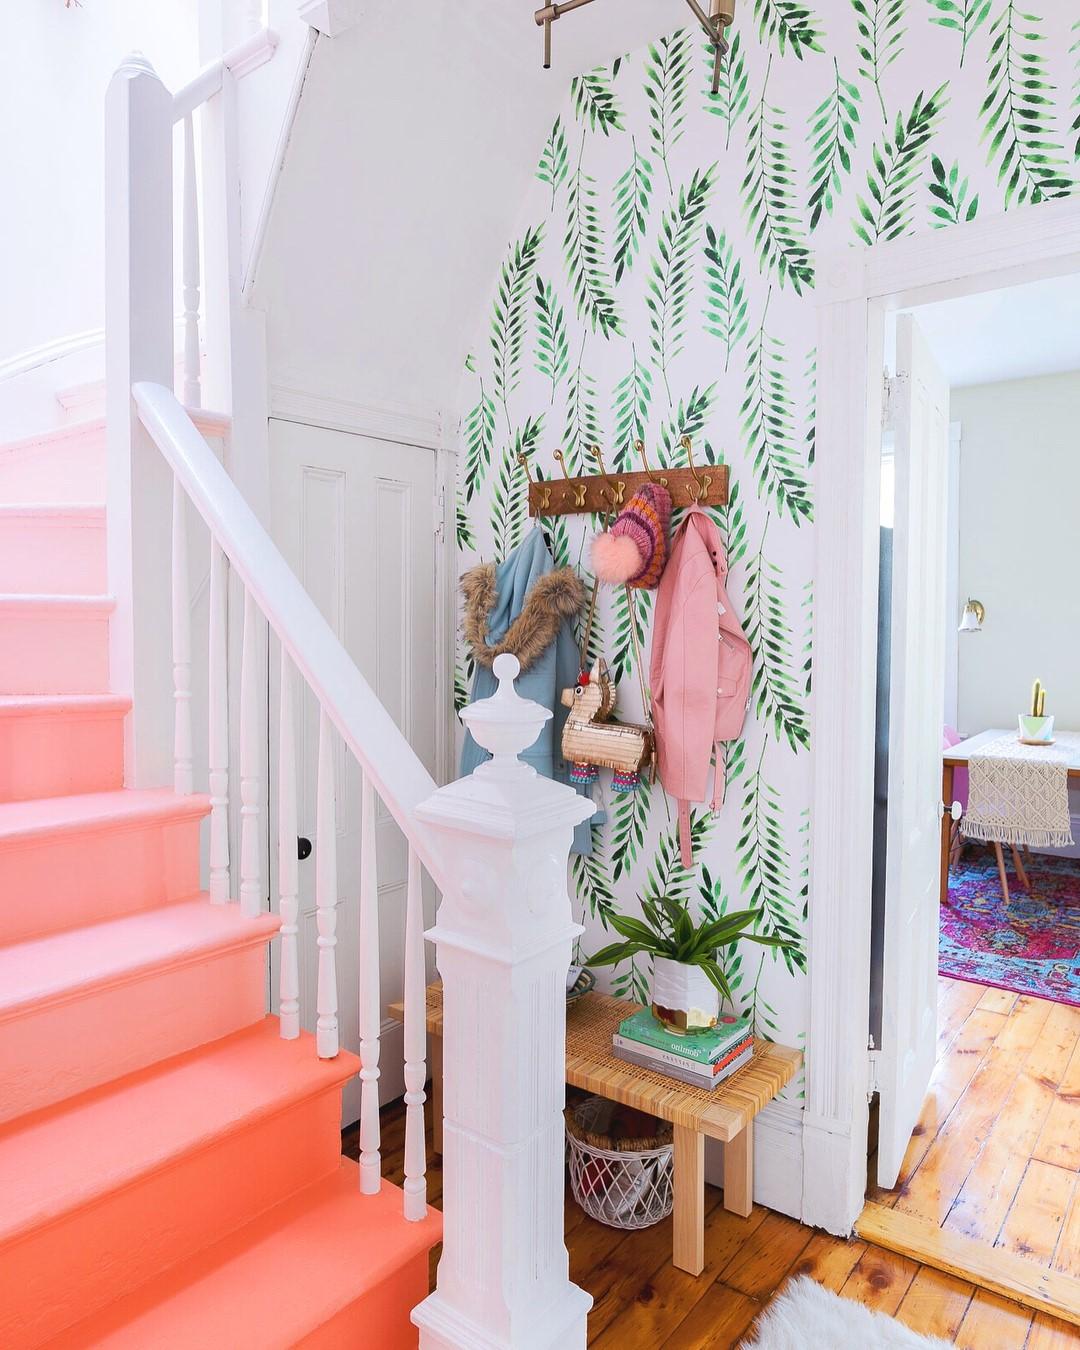 Escalier ombré en combinaison avec un papier peint frais.